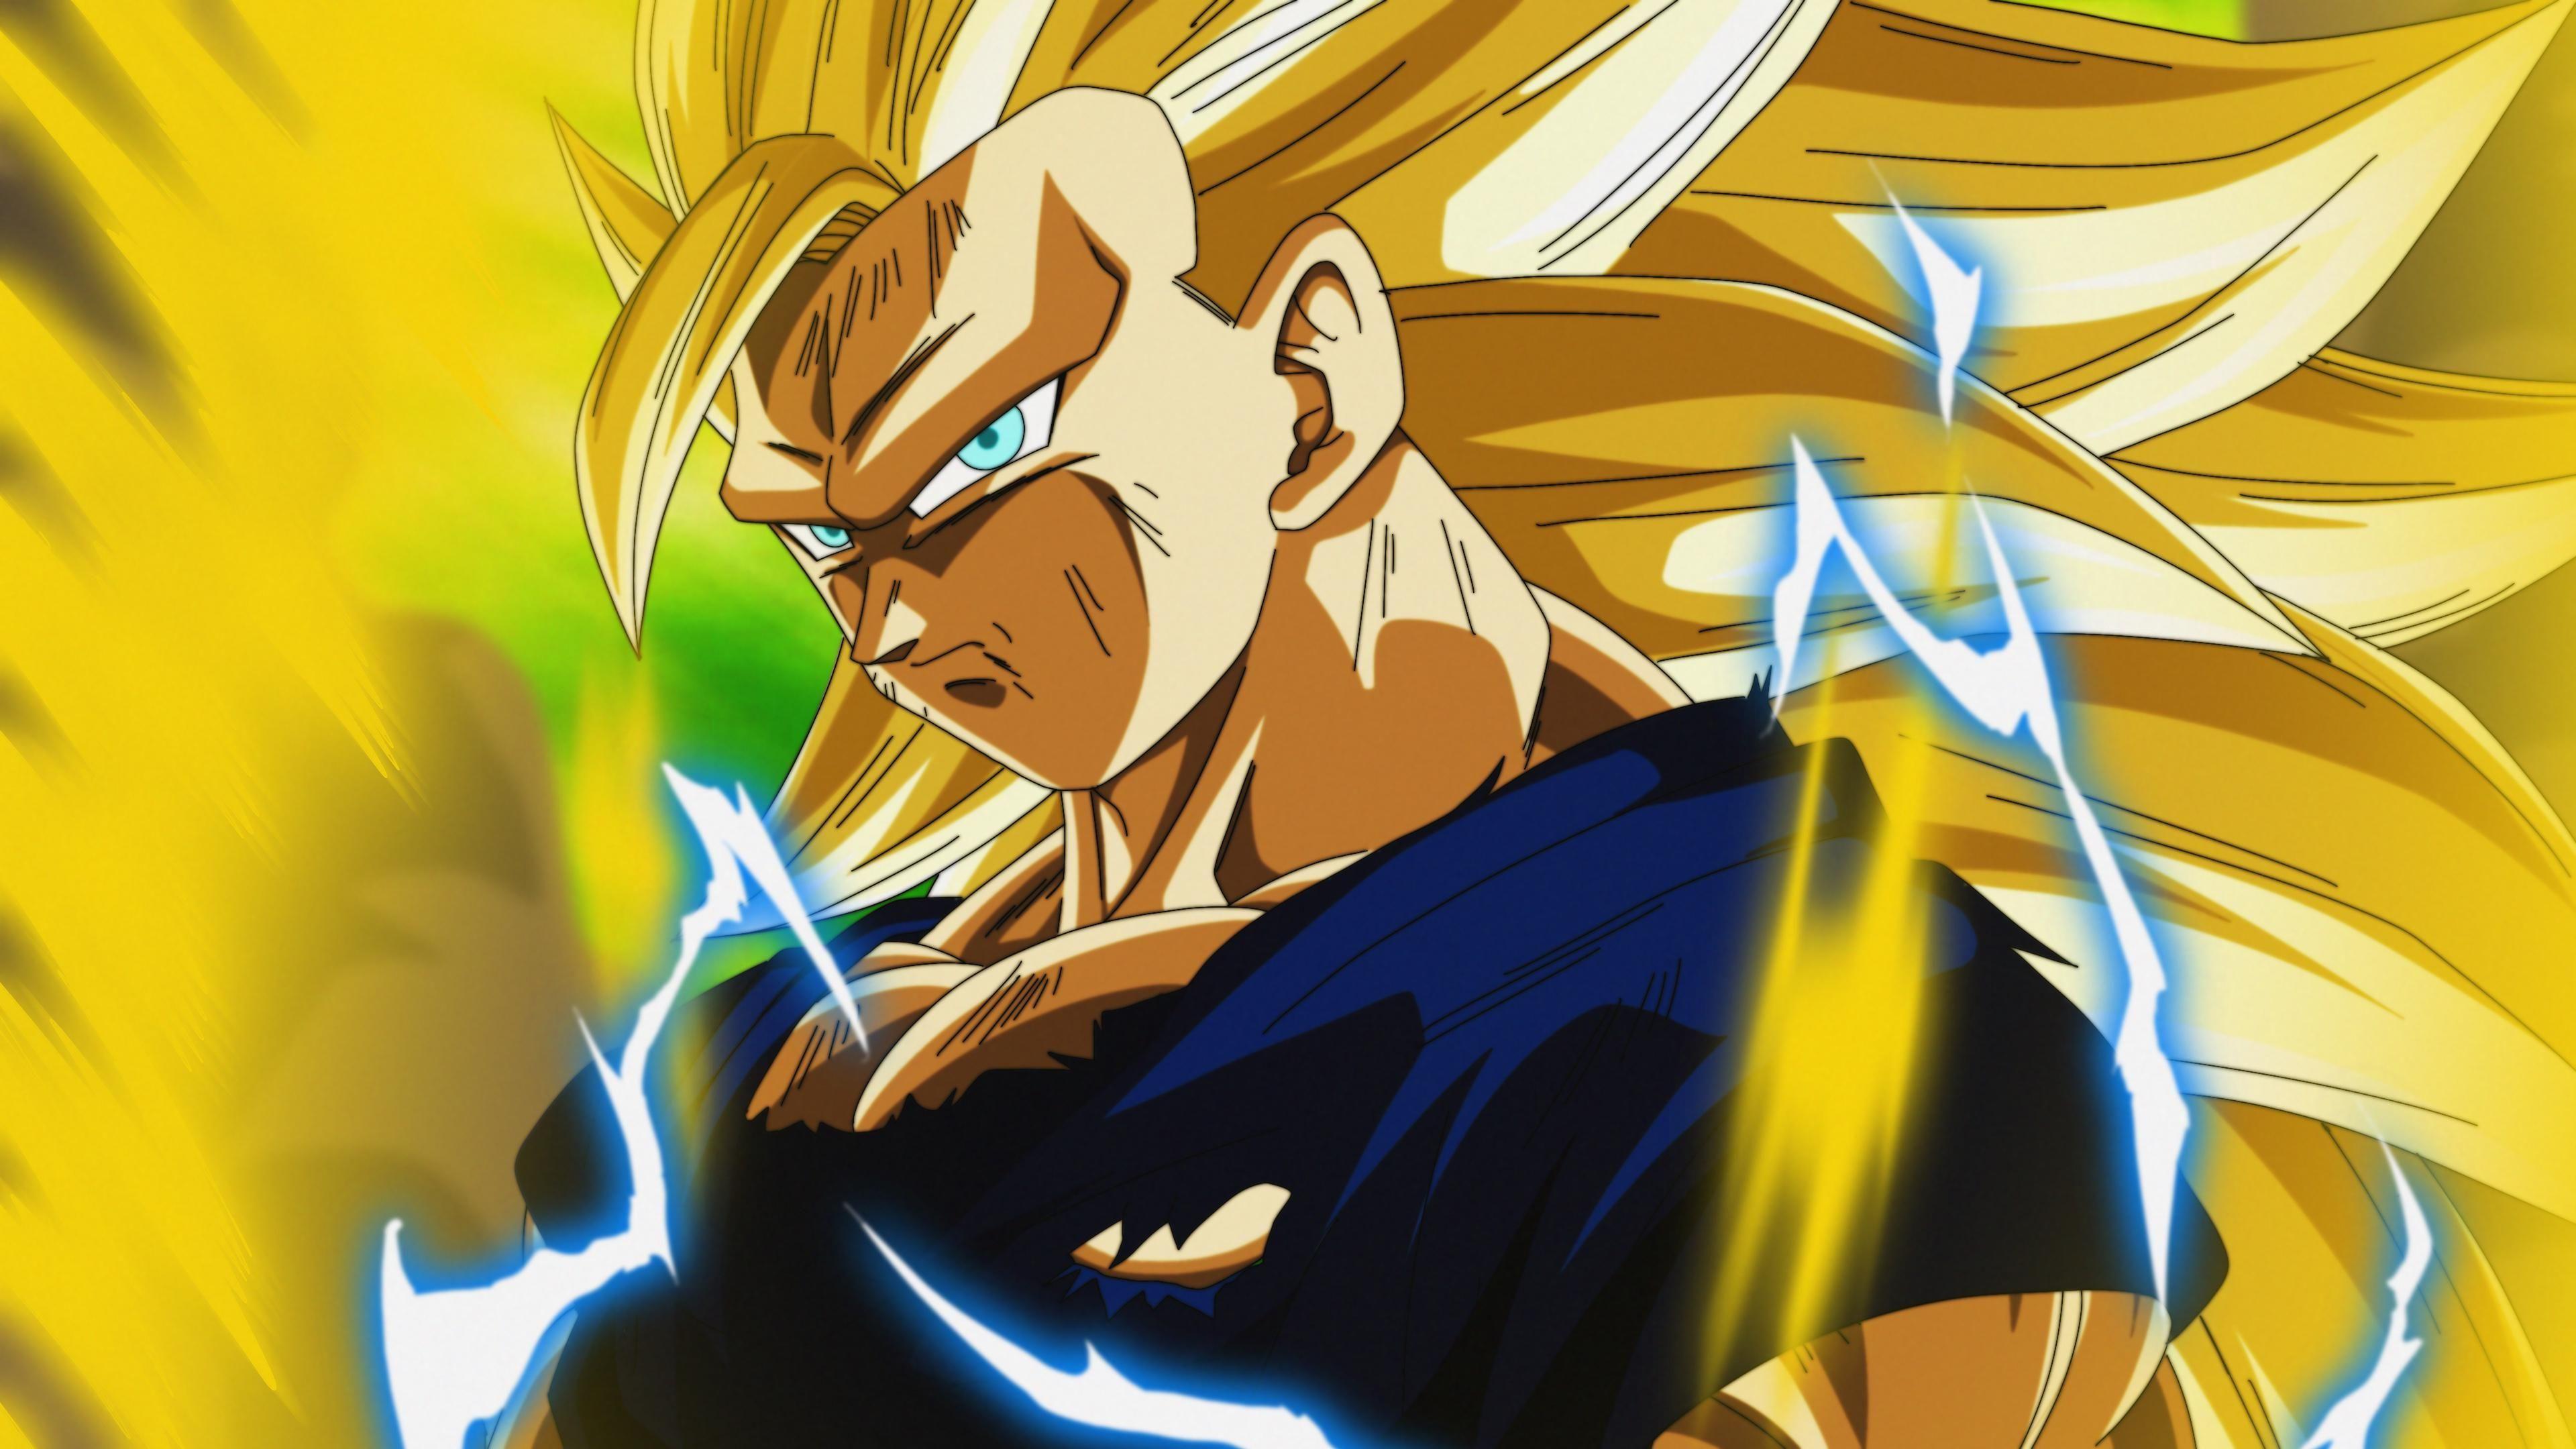 Super Saiyan 3 Yuya Takahashi Style Goku Super Goku Super Saiyan Dragon Ball Super Manga